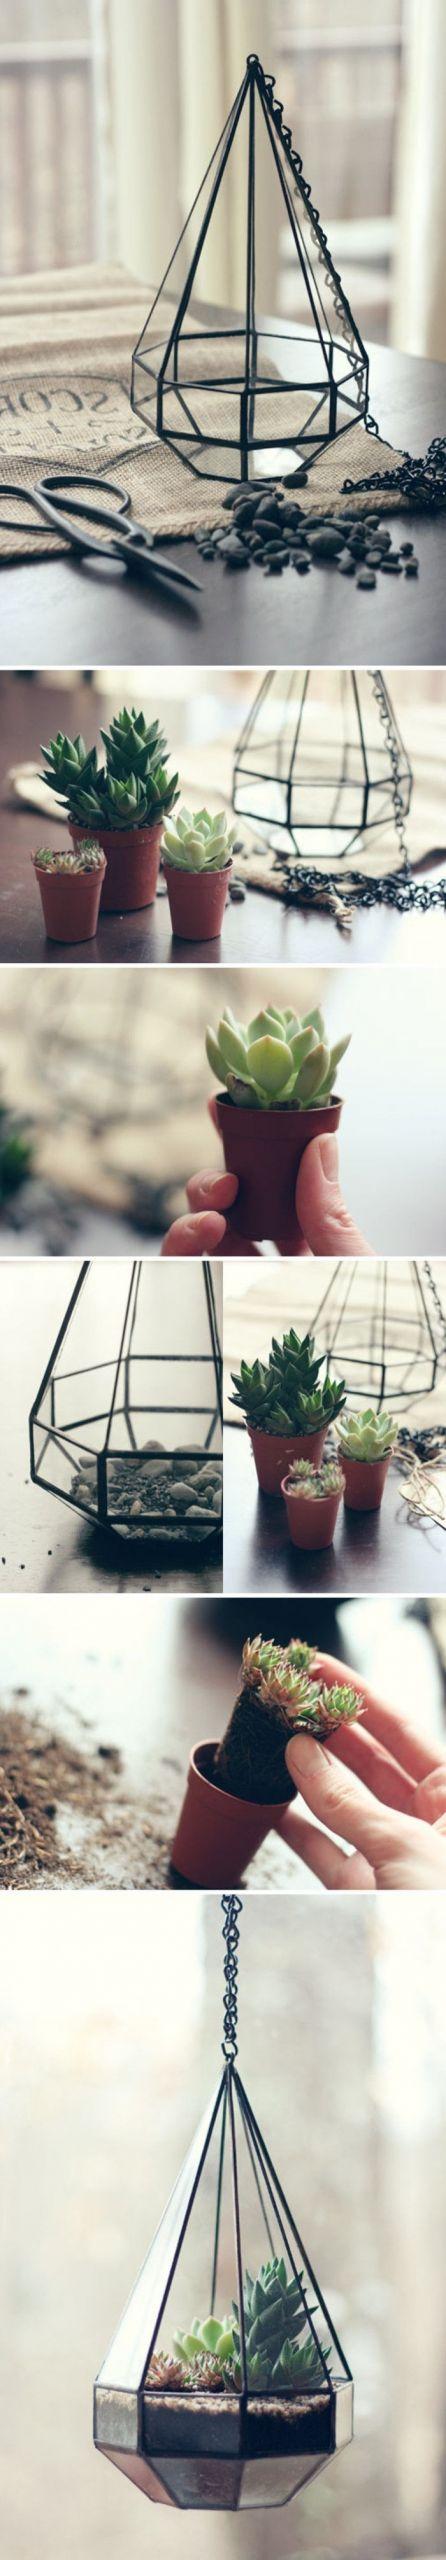 un joli tutoriel pour un terrarium plante suspendu id C3 A9e tr C3 A8s sympa ment fabriquer un terrarium